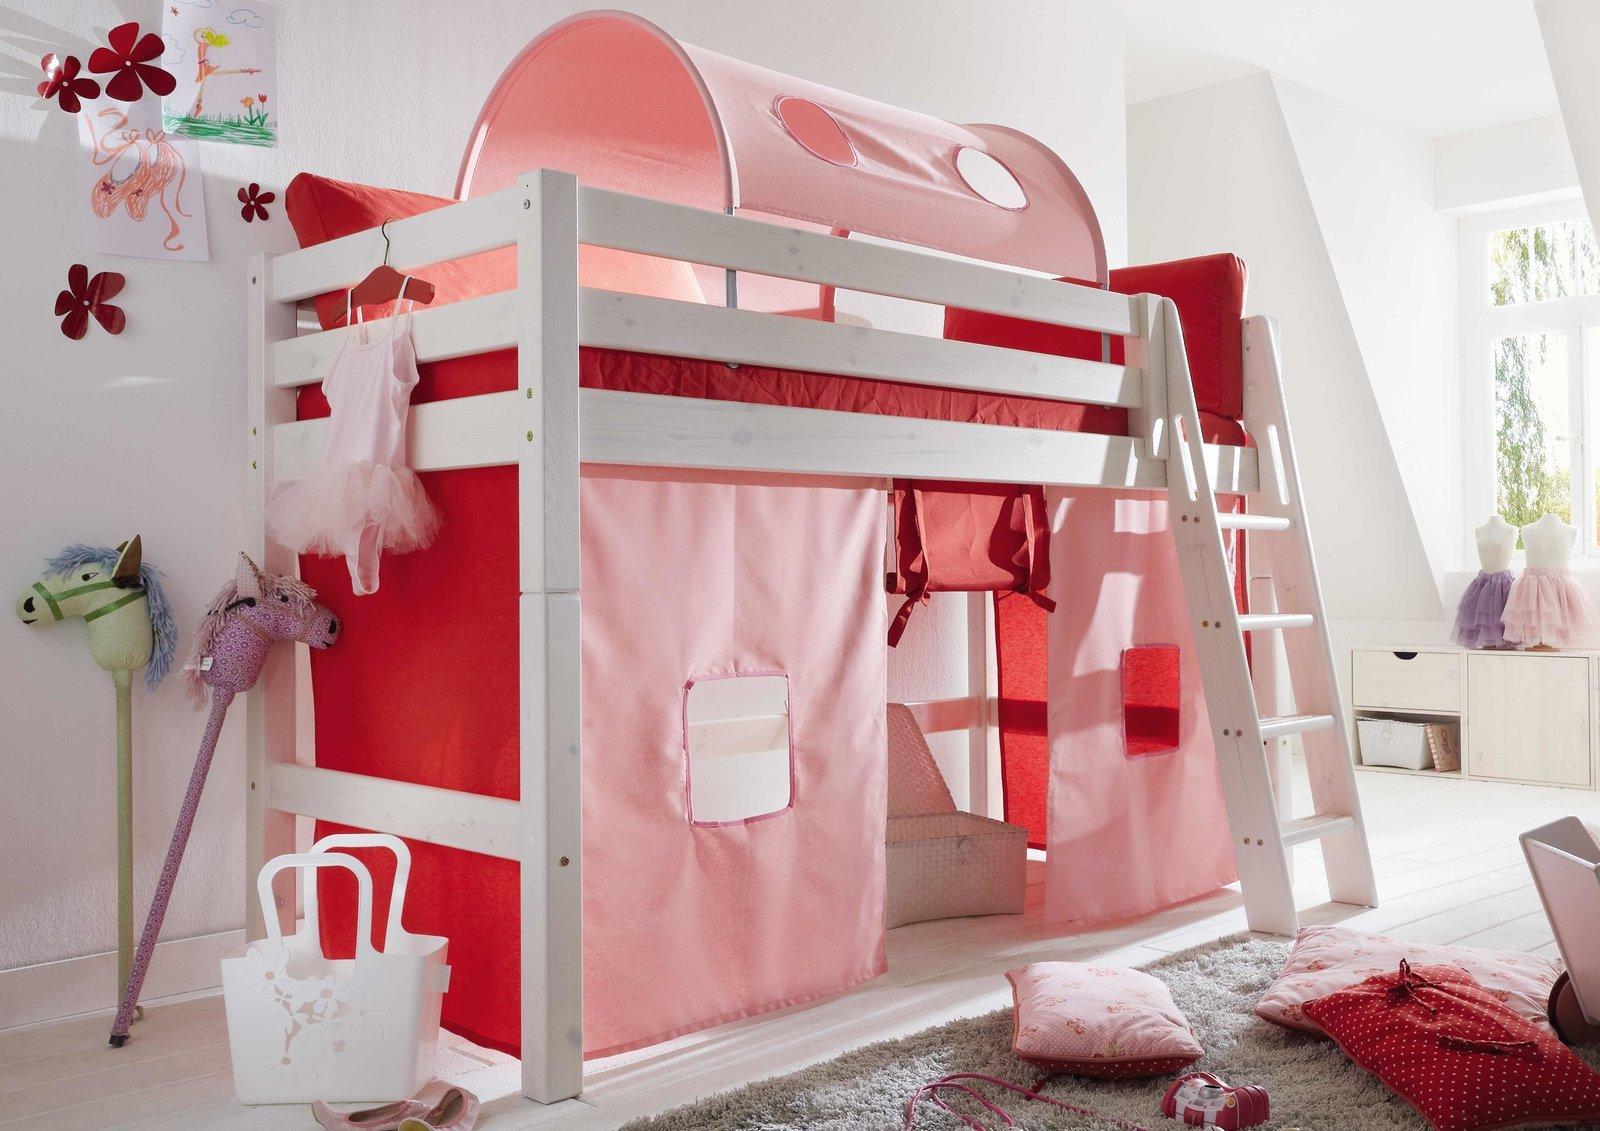 InfansKids Mittelhohes Abenteuerbett mit Stoffset Rosa, Bild 2